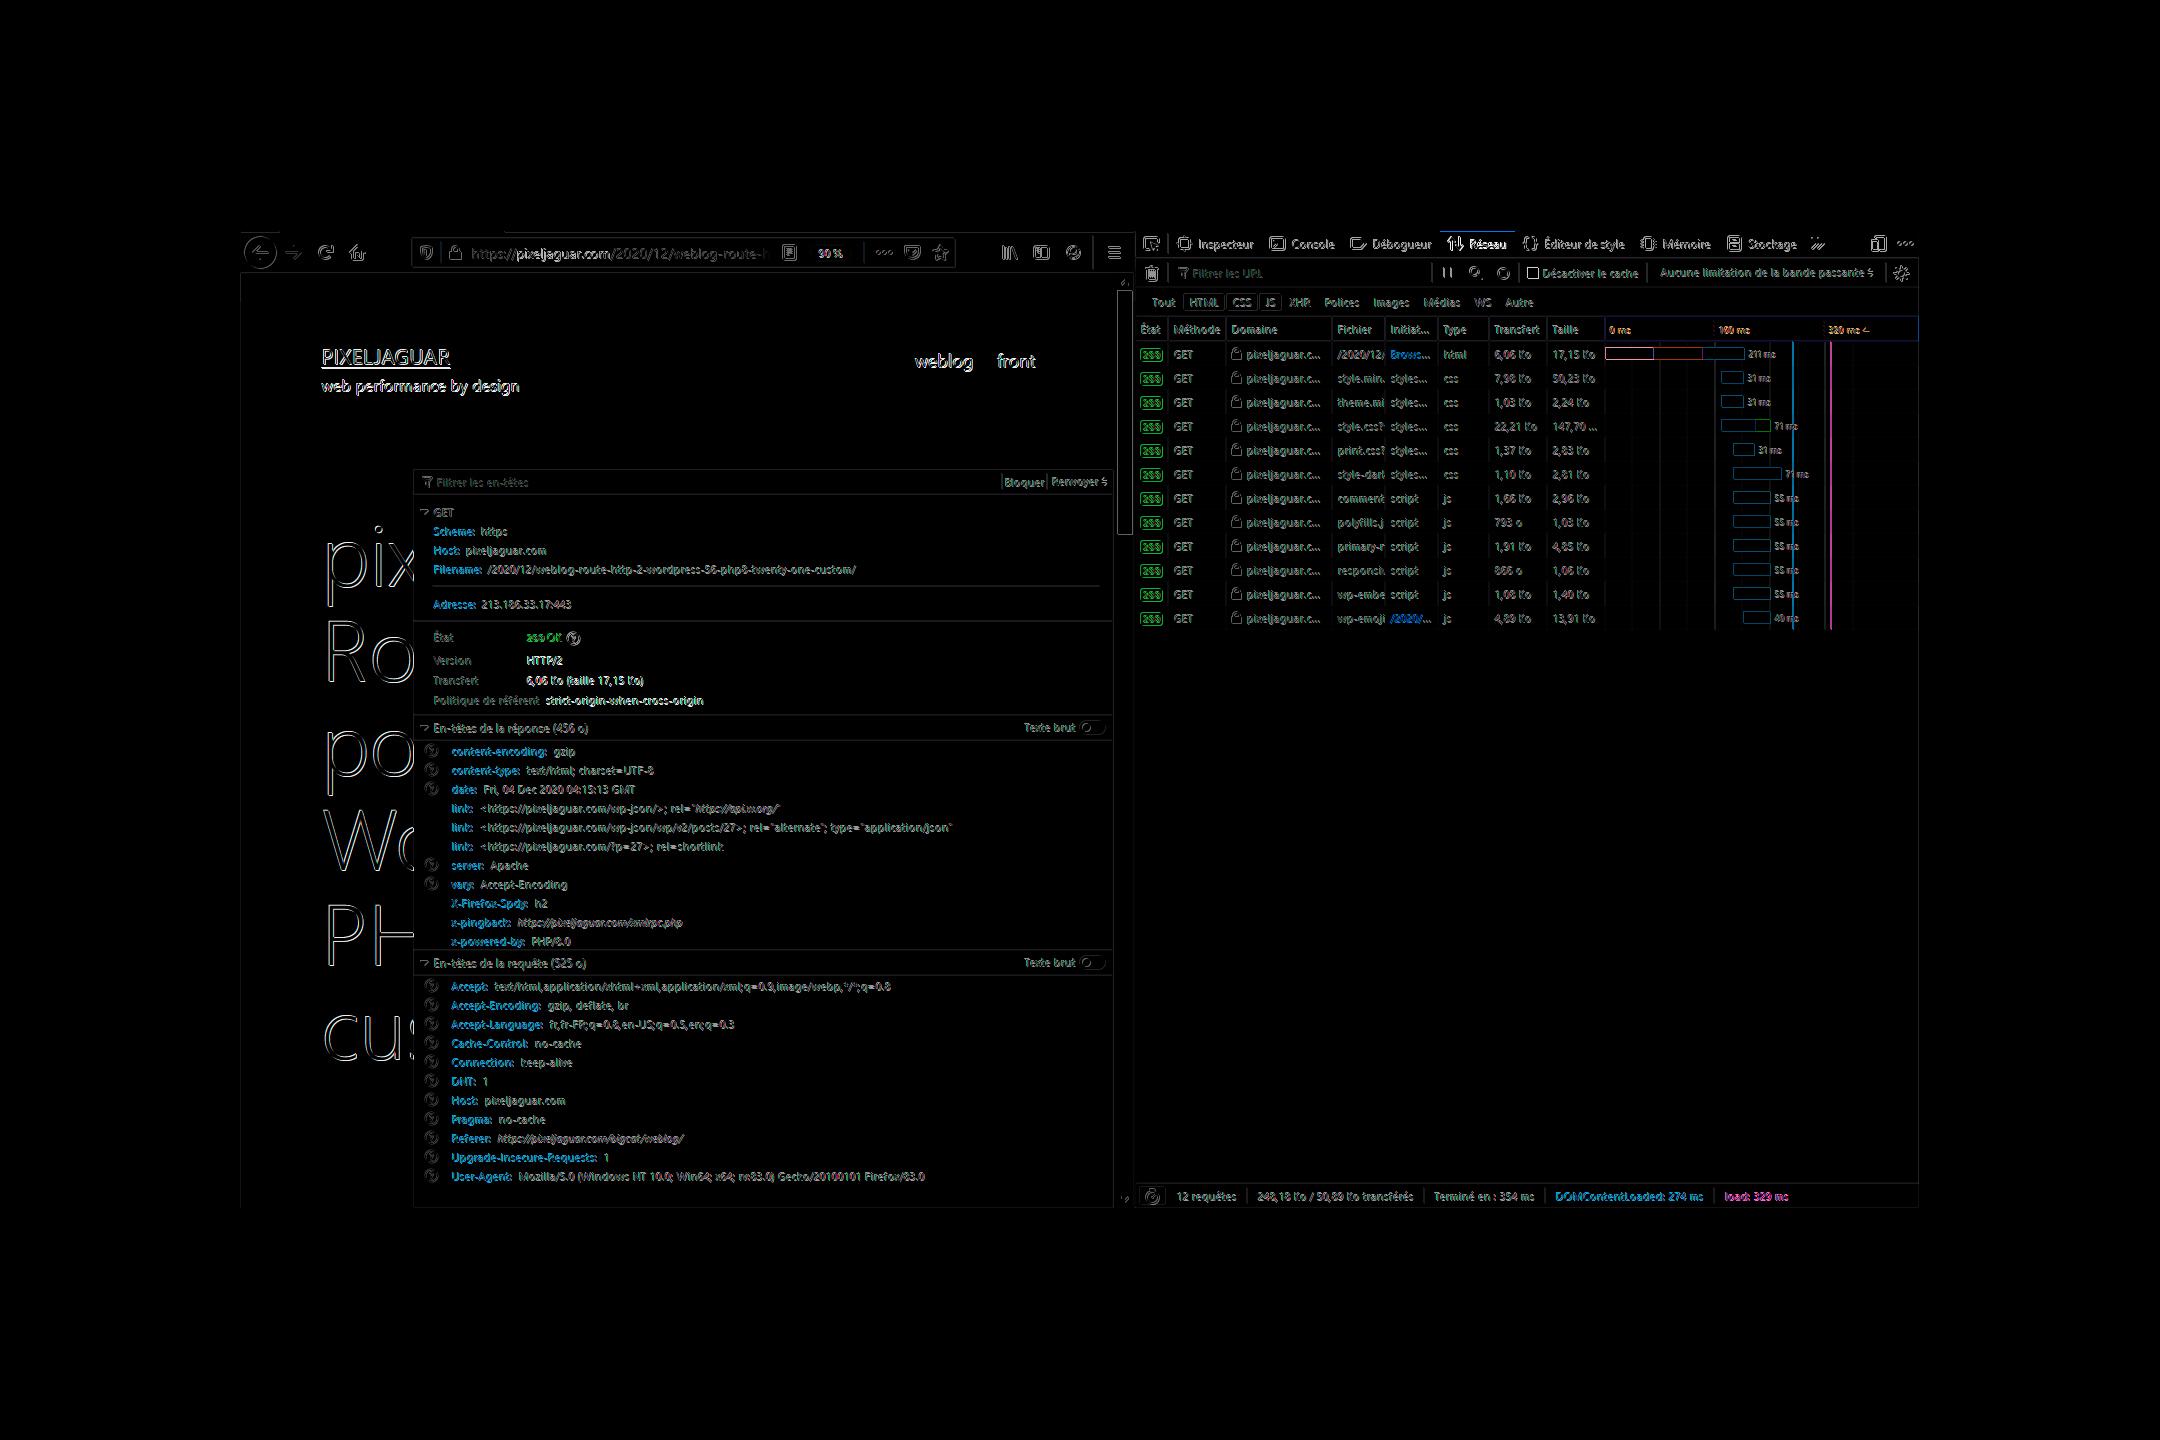 webperf-website-pixeljaguar-blog-webpage-2020-cover